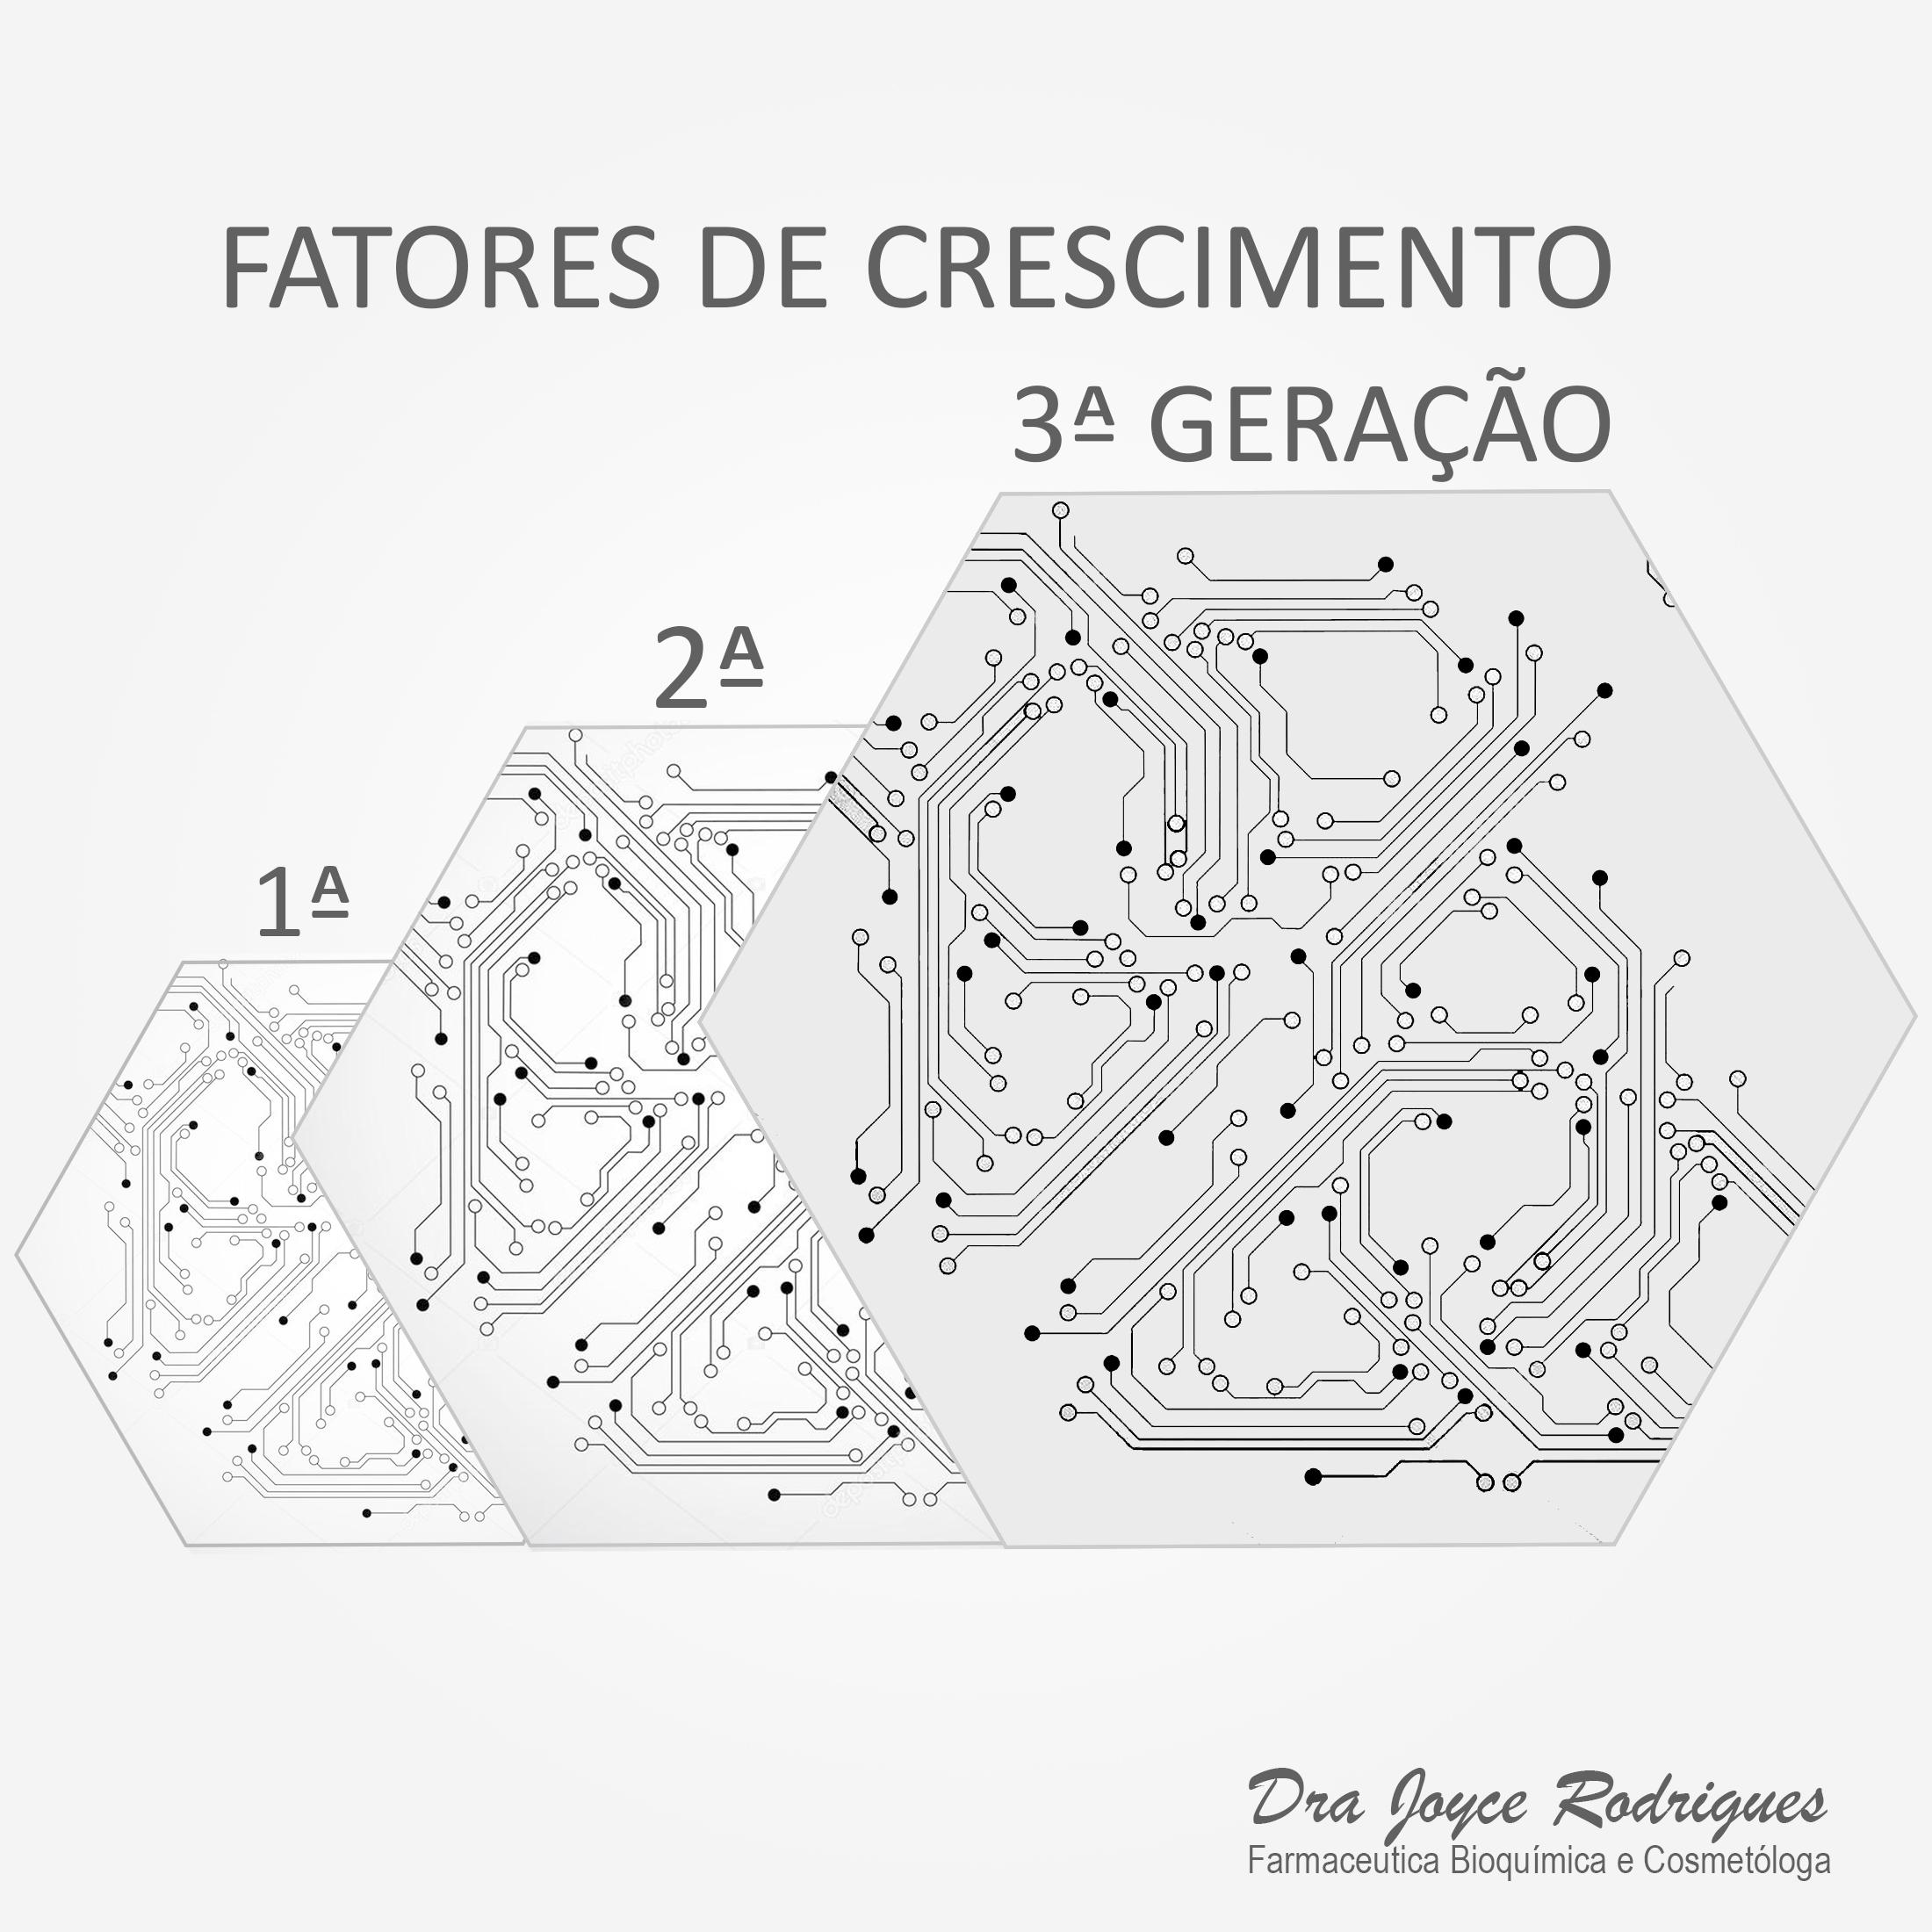 FATOR DE CRESCIMENTO - 3a